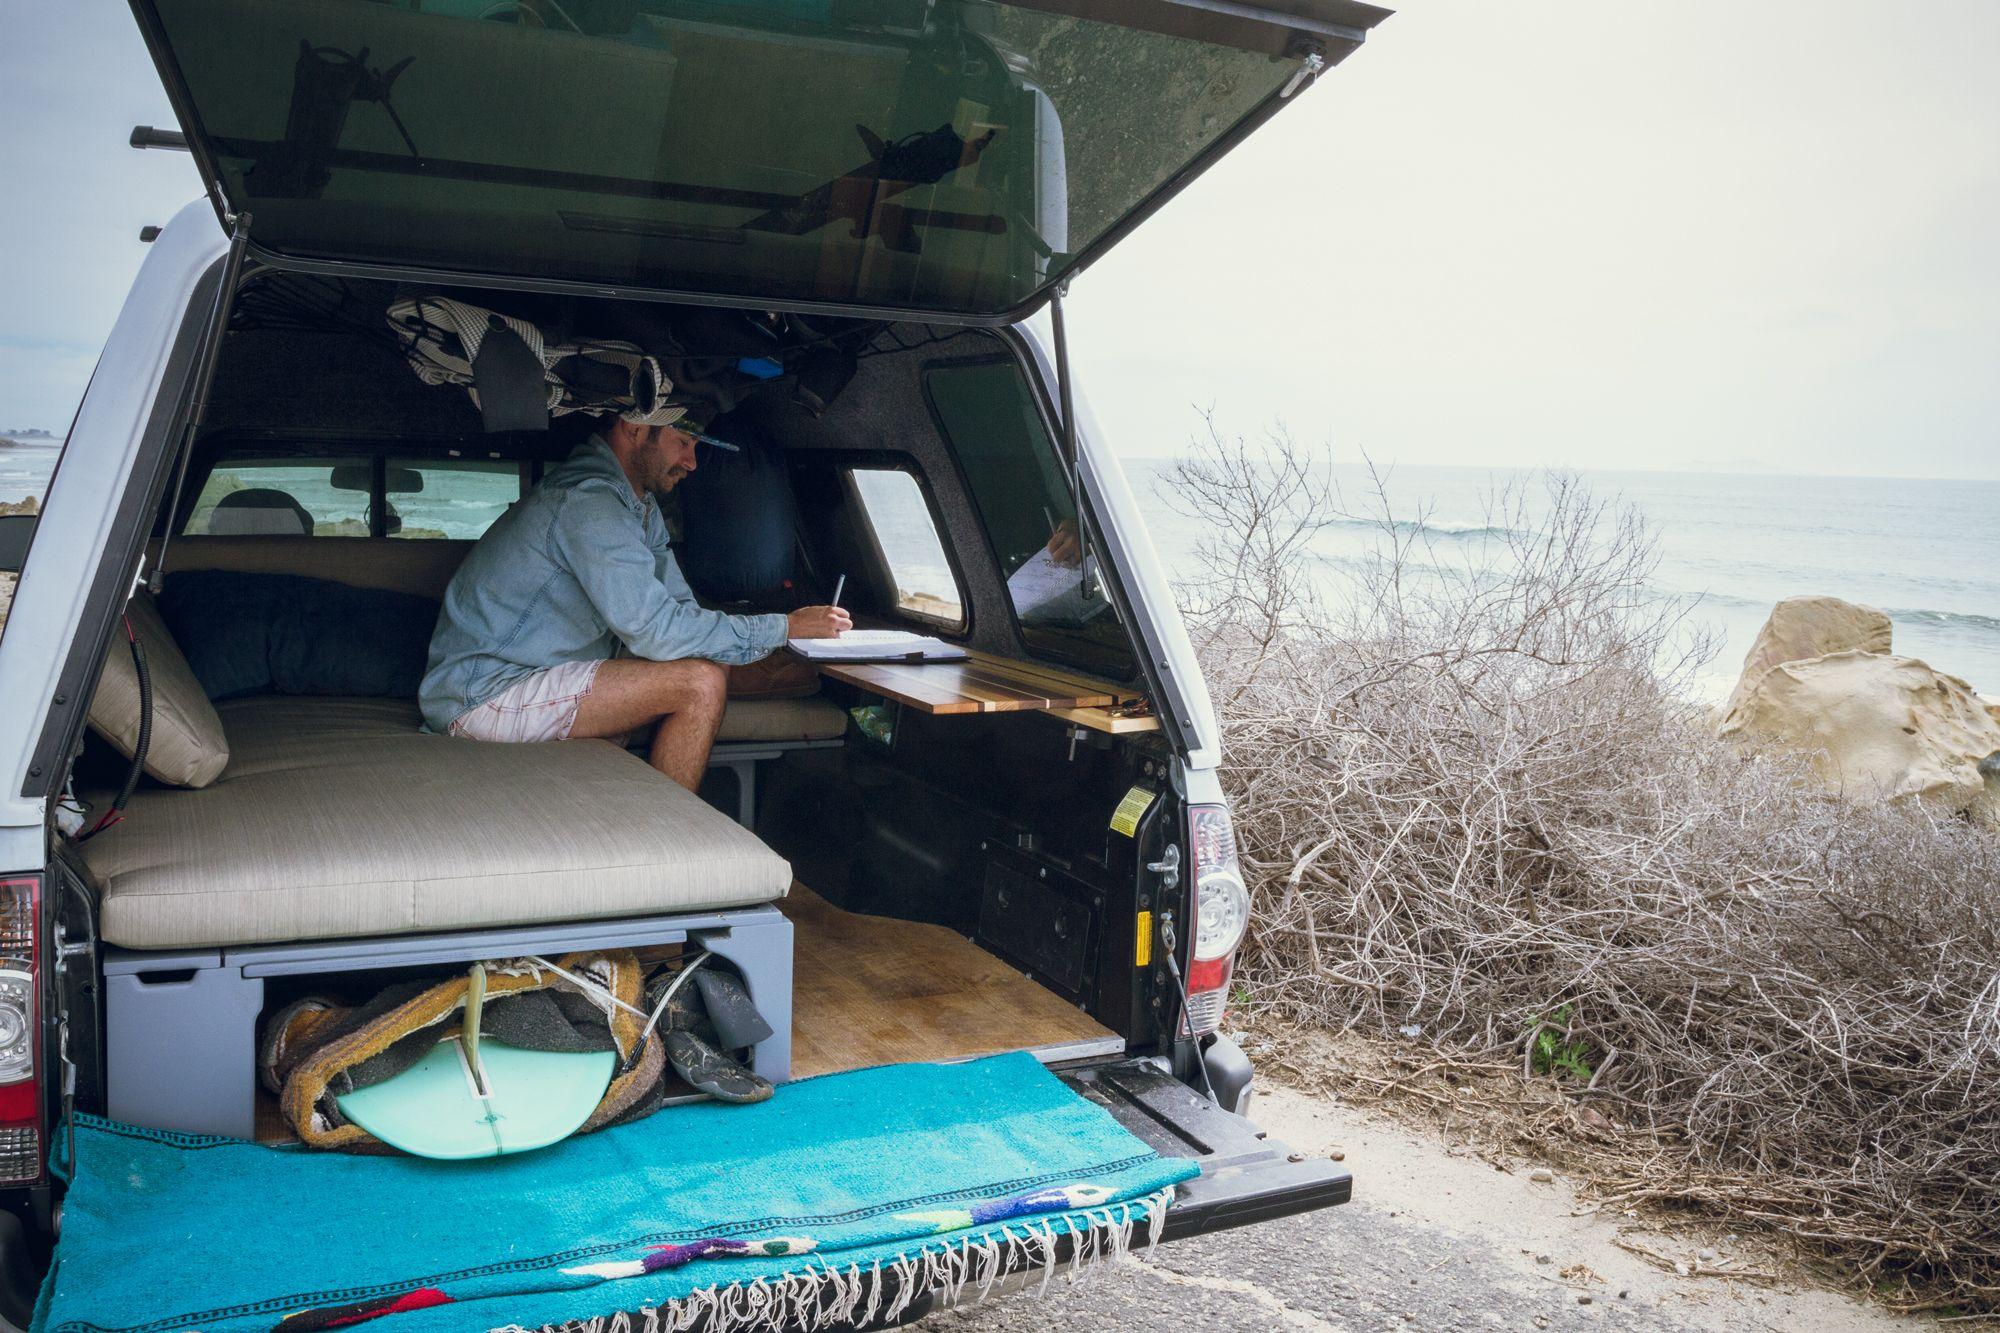 Mobile Office/Surf Camper — Rig Racks Truck bed